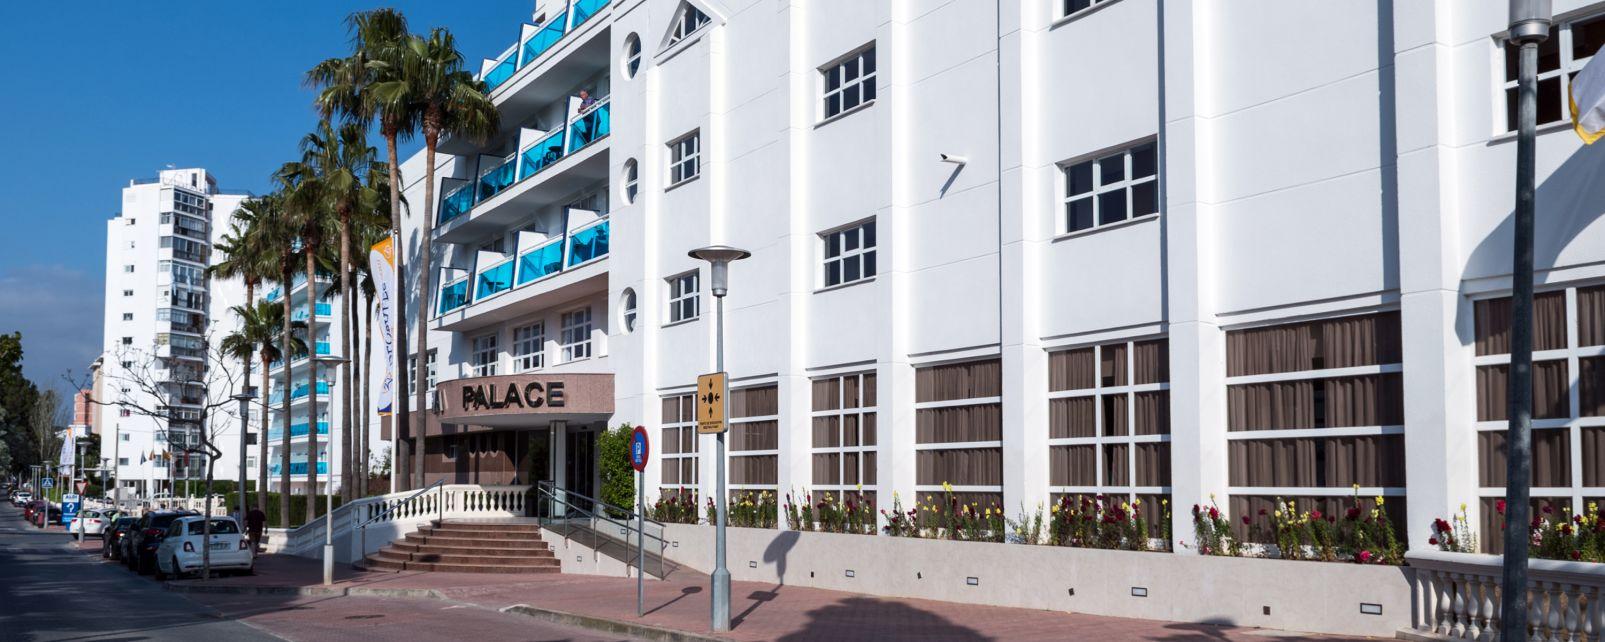 Hôtel Globales Palmanova Palace